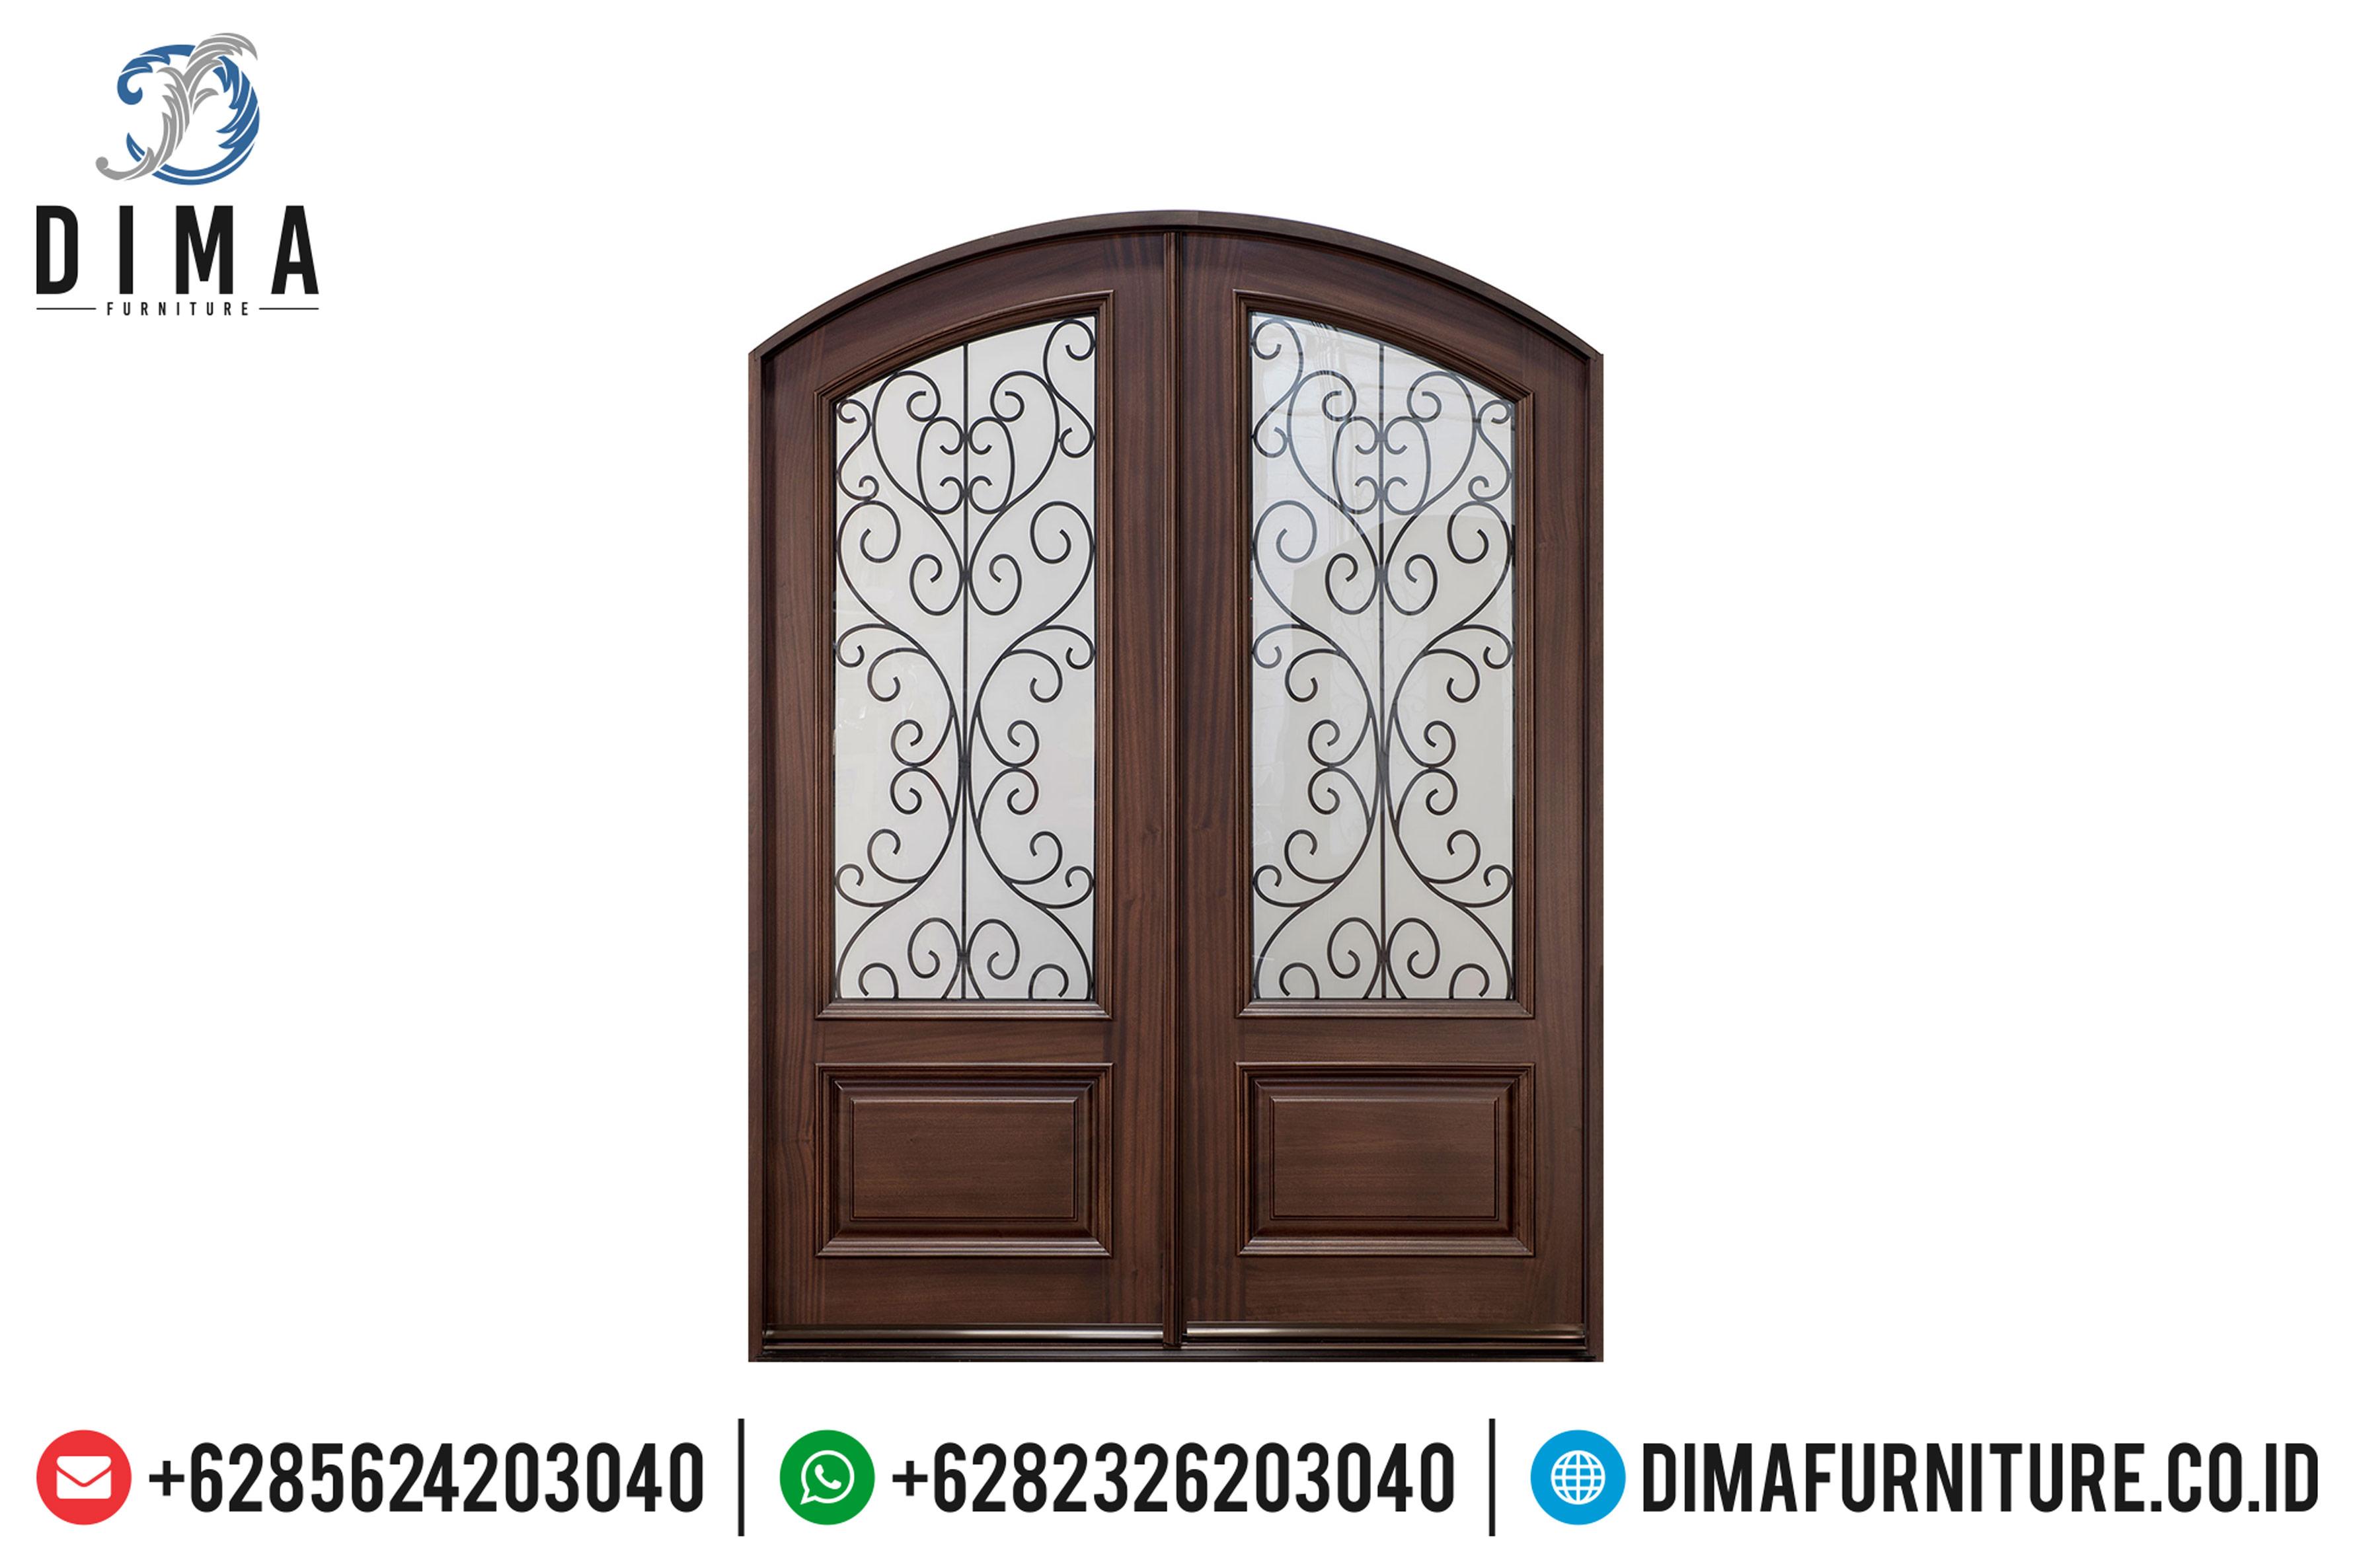 Pintu Rumah Jati Jepara, Pintu Rumah Mewah, Kusen Pintu Rumah Utama DF-0824